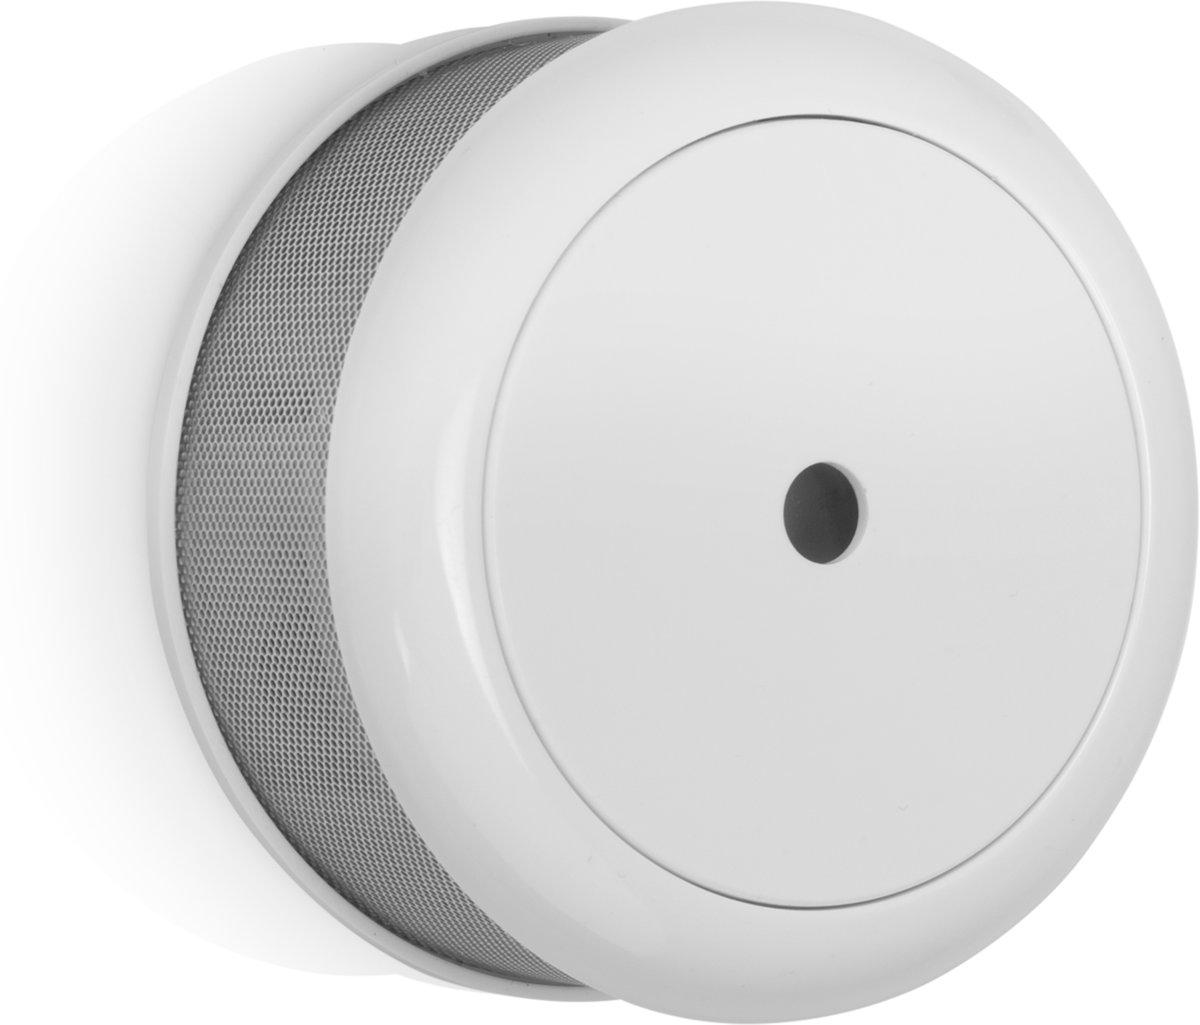 Smartwares RM620 Mini Rookmelder - 10 jaar batterij - VDS gecertificeerd - Testknop - 85 dB kopen